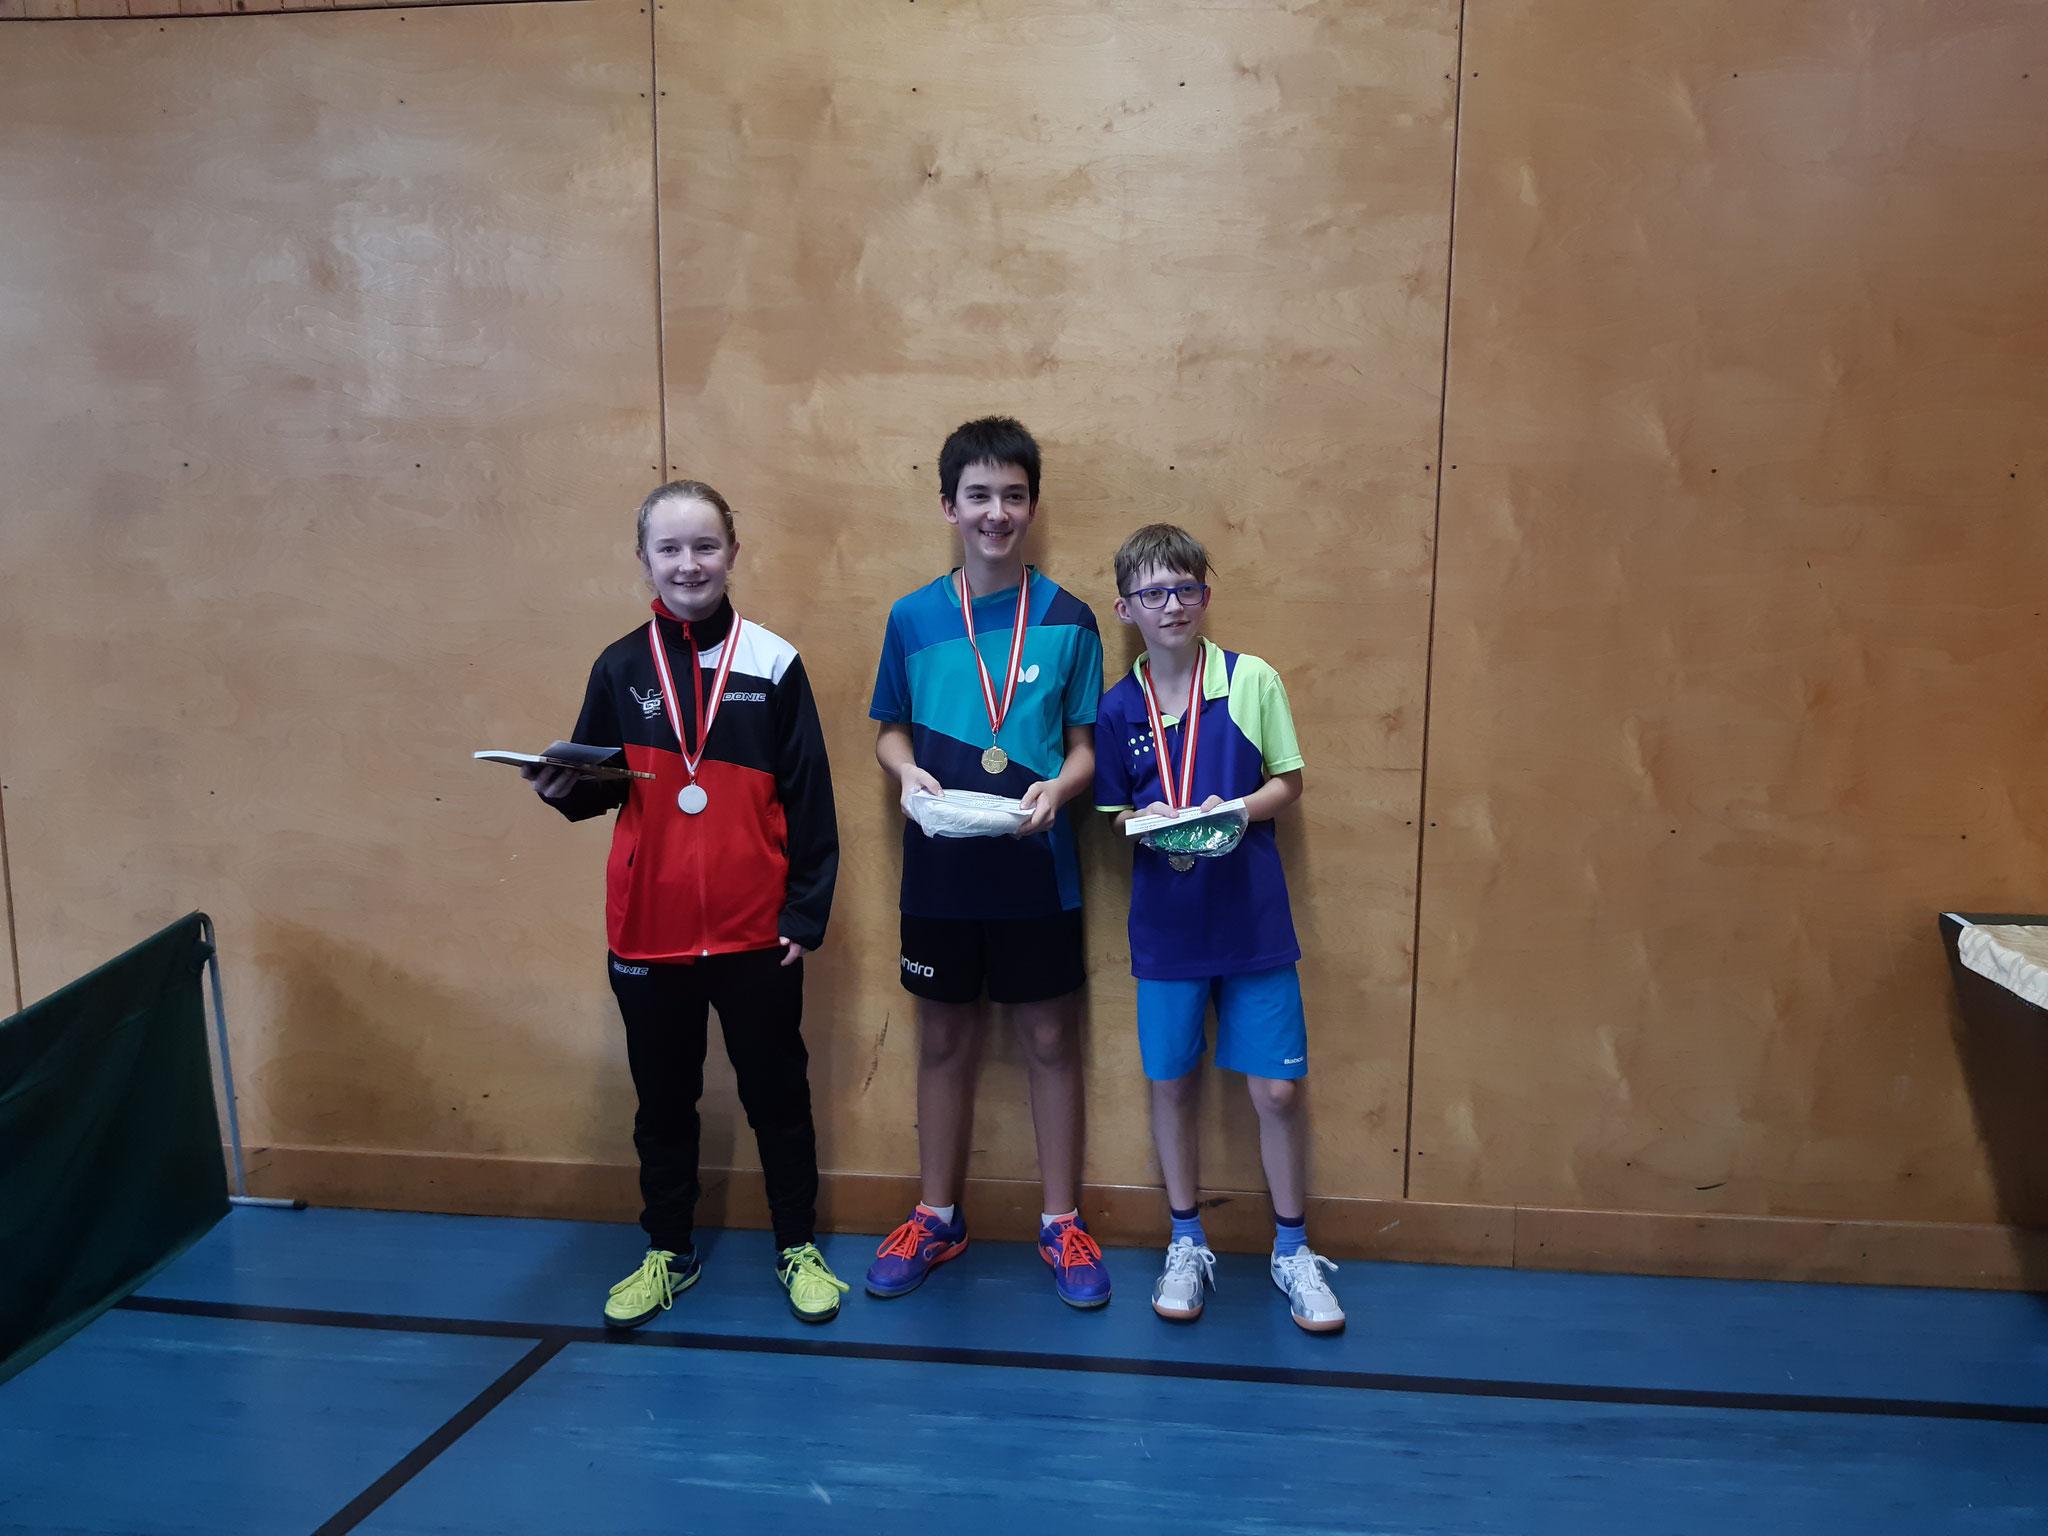 Siegerfoto Bewerb F: v.l.n.r. Pia Geineder (LENZ) (Platz 2), Niklas Damm (SSTO) (Sieger), Tobias Kriha (SSTO) (Platz 3)